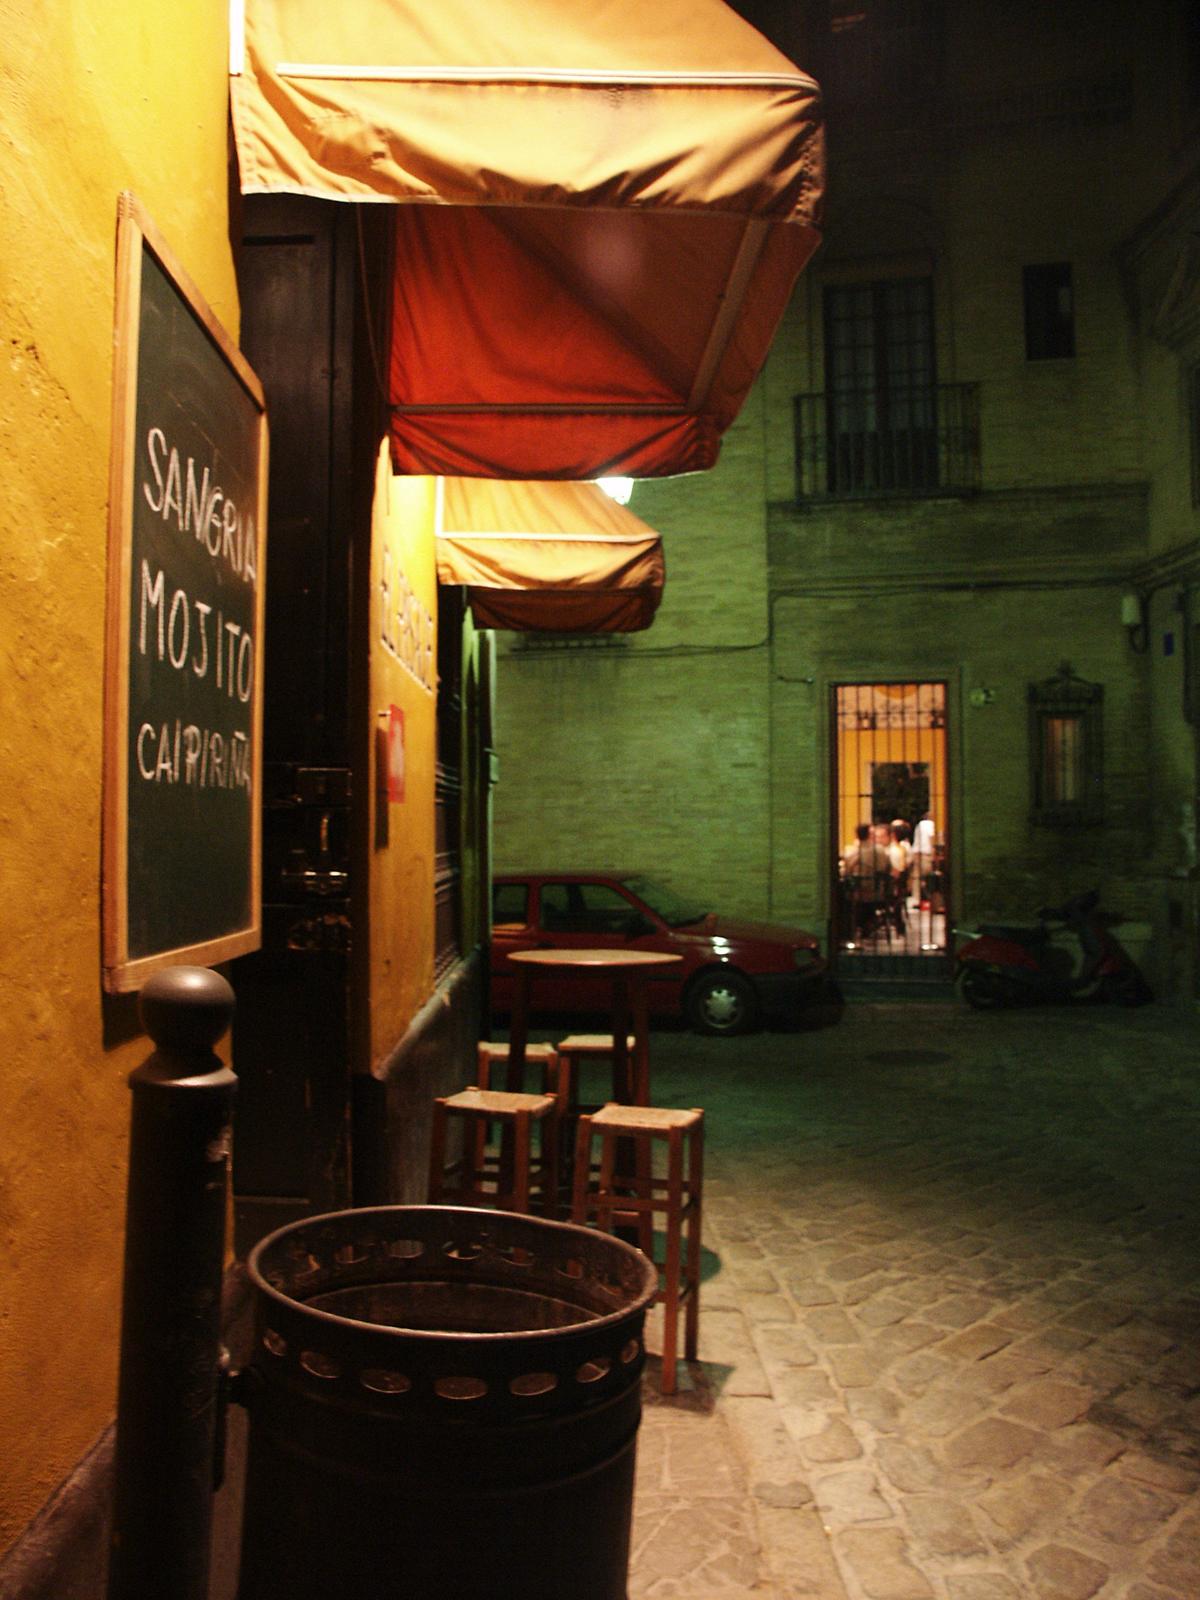 Sangria, Bar, Bspo06, Buildings, Chairs, HQ Photo